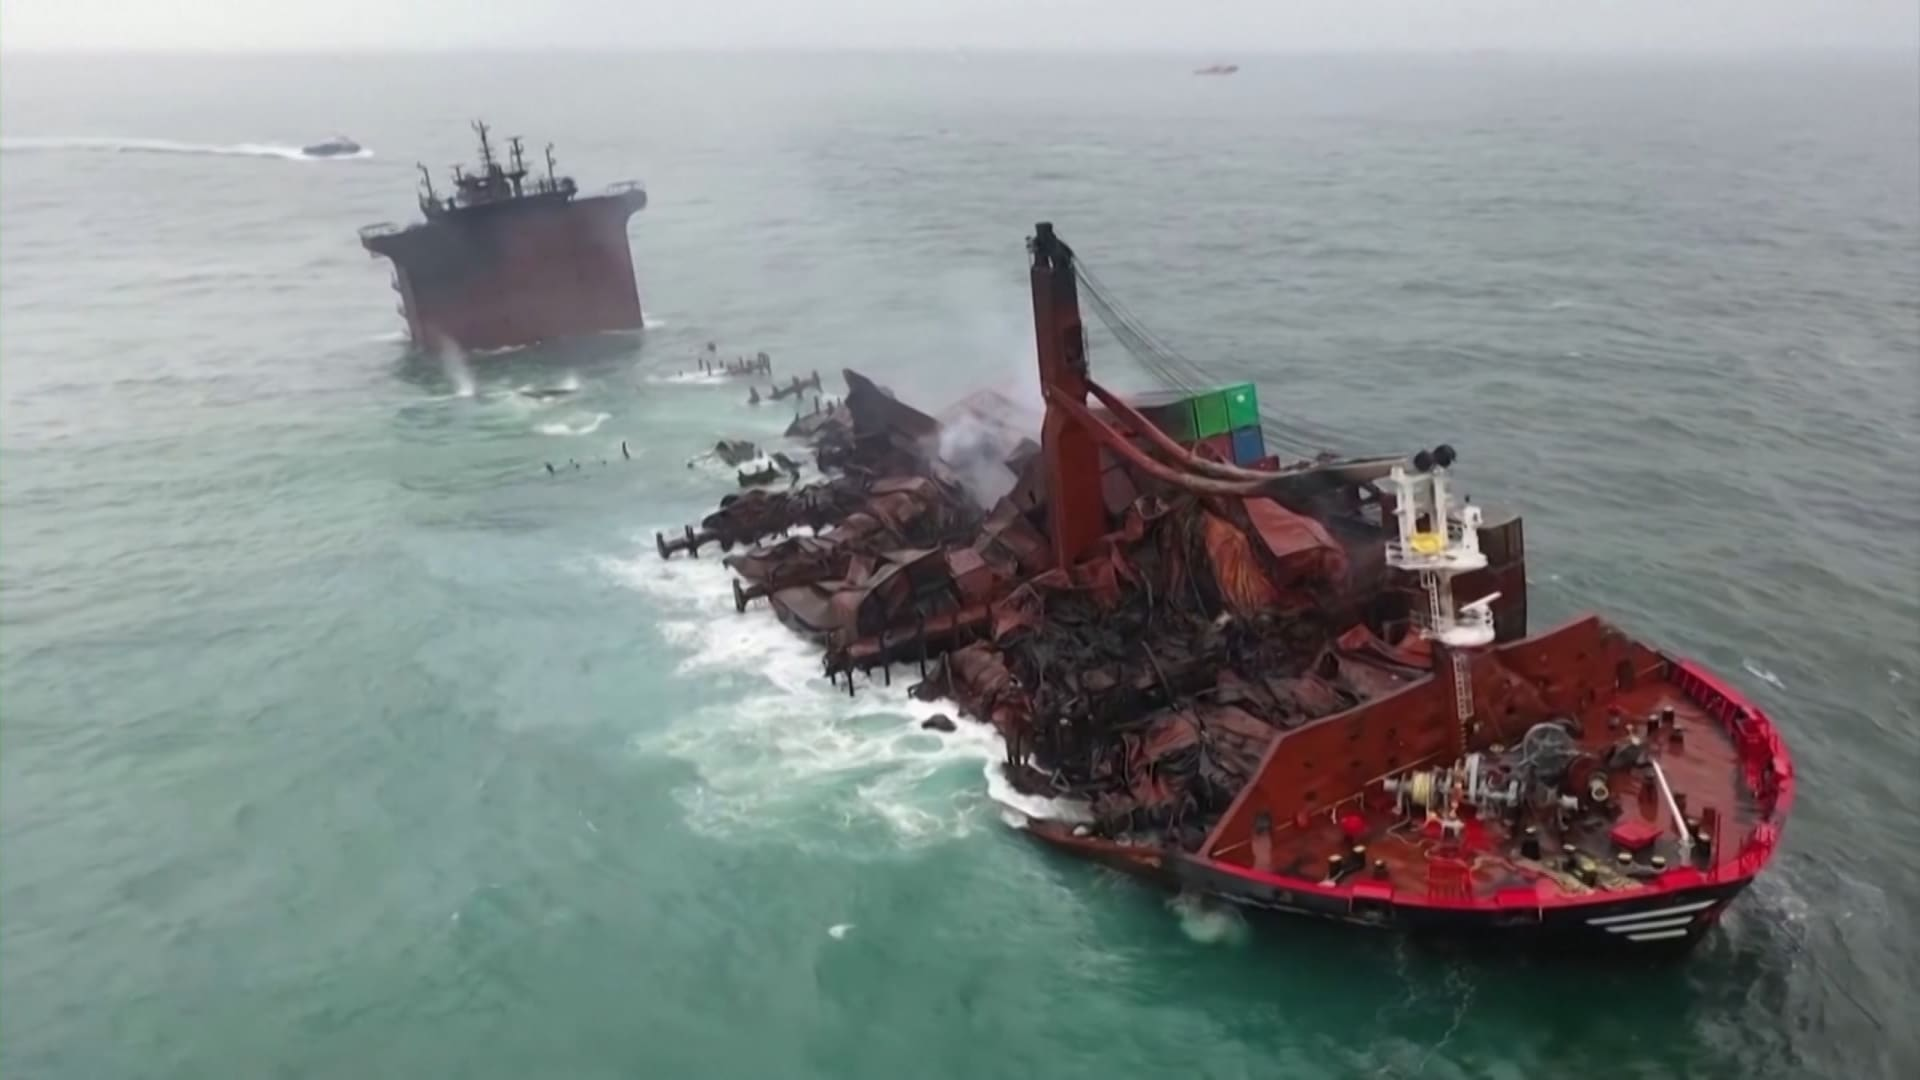 حماة البيئة: احتراق وغرق سفينة قبالة سواحل سريلانكا أحد أسوء الكوارث